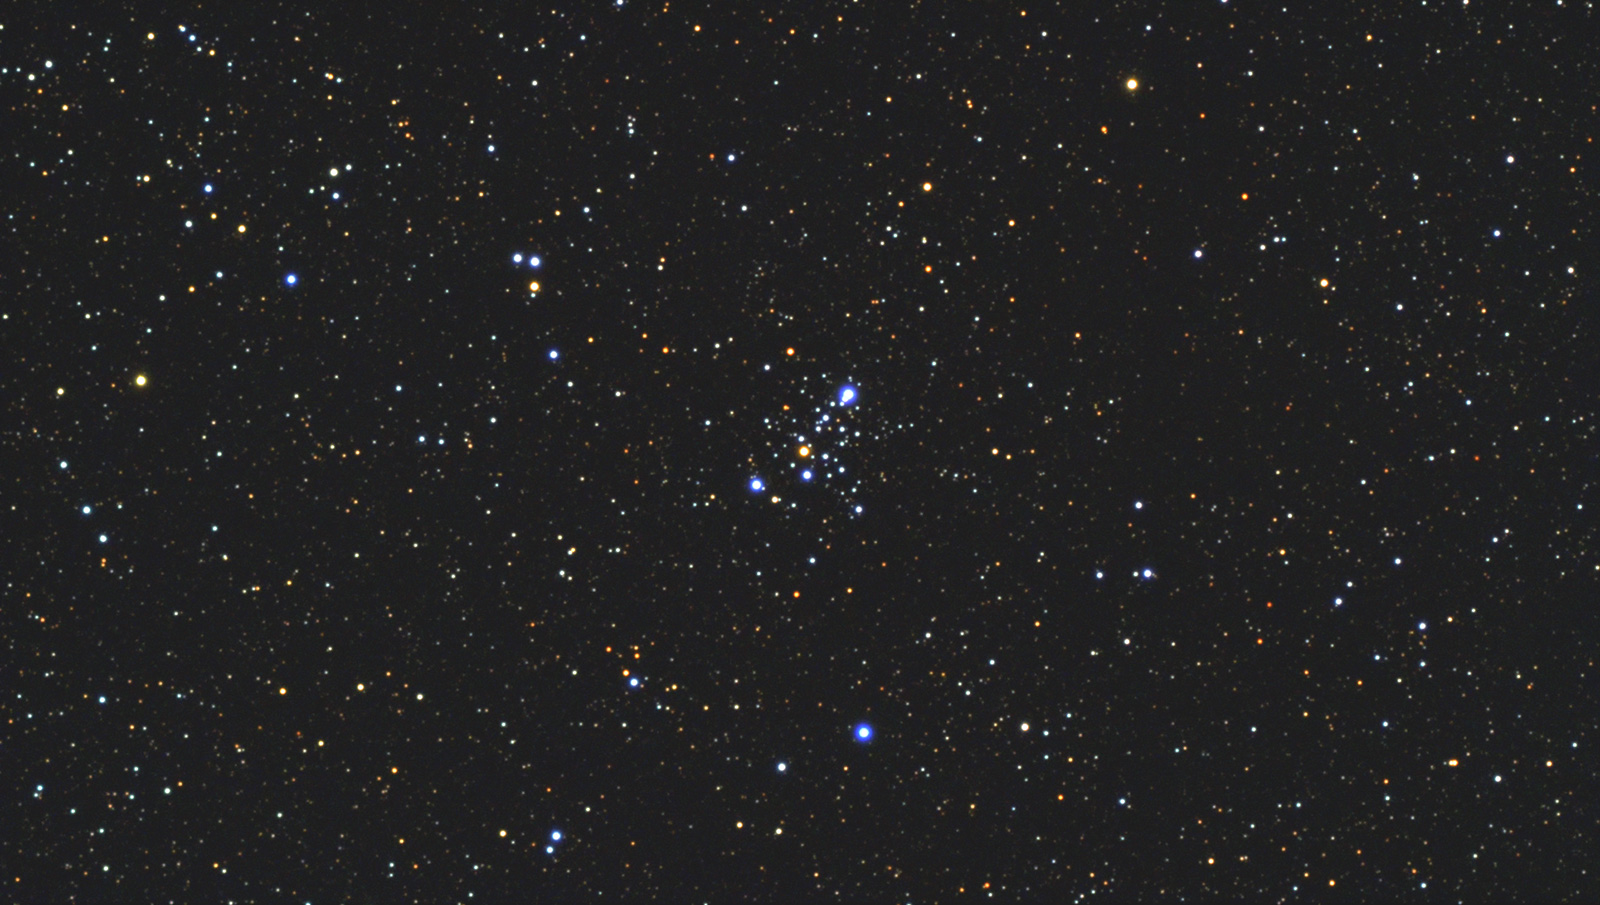 M103_fs60f6_asi385mc_20x30sec_s